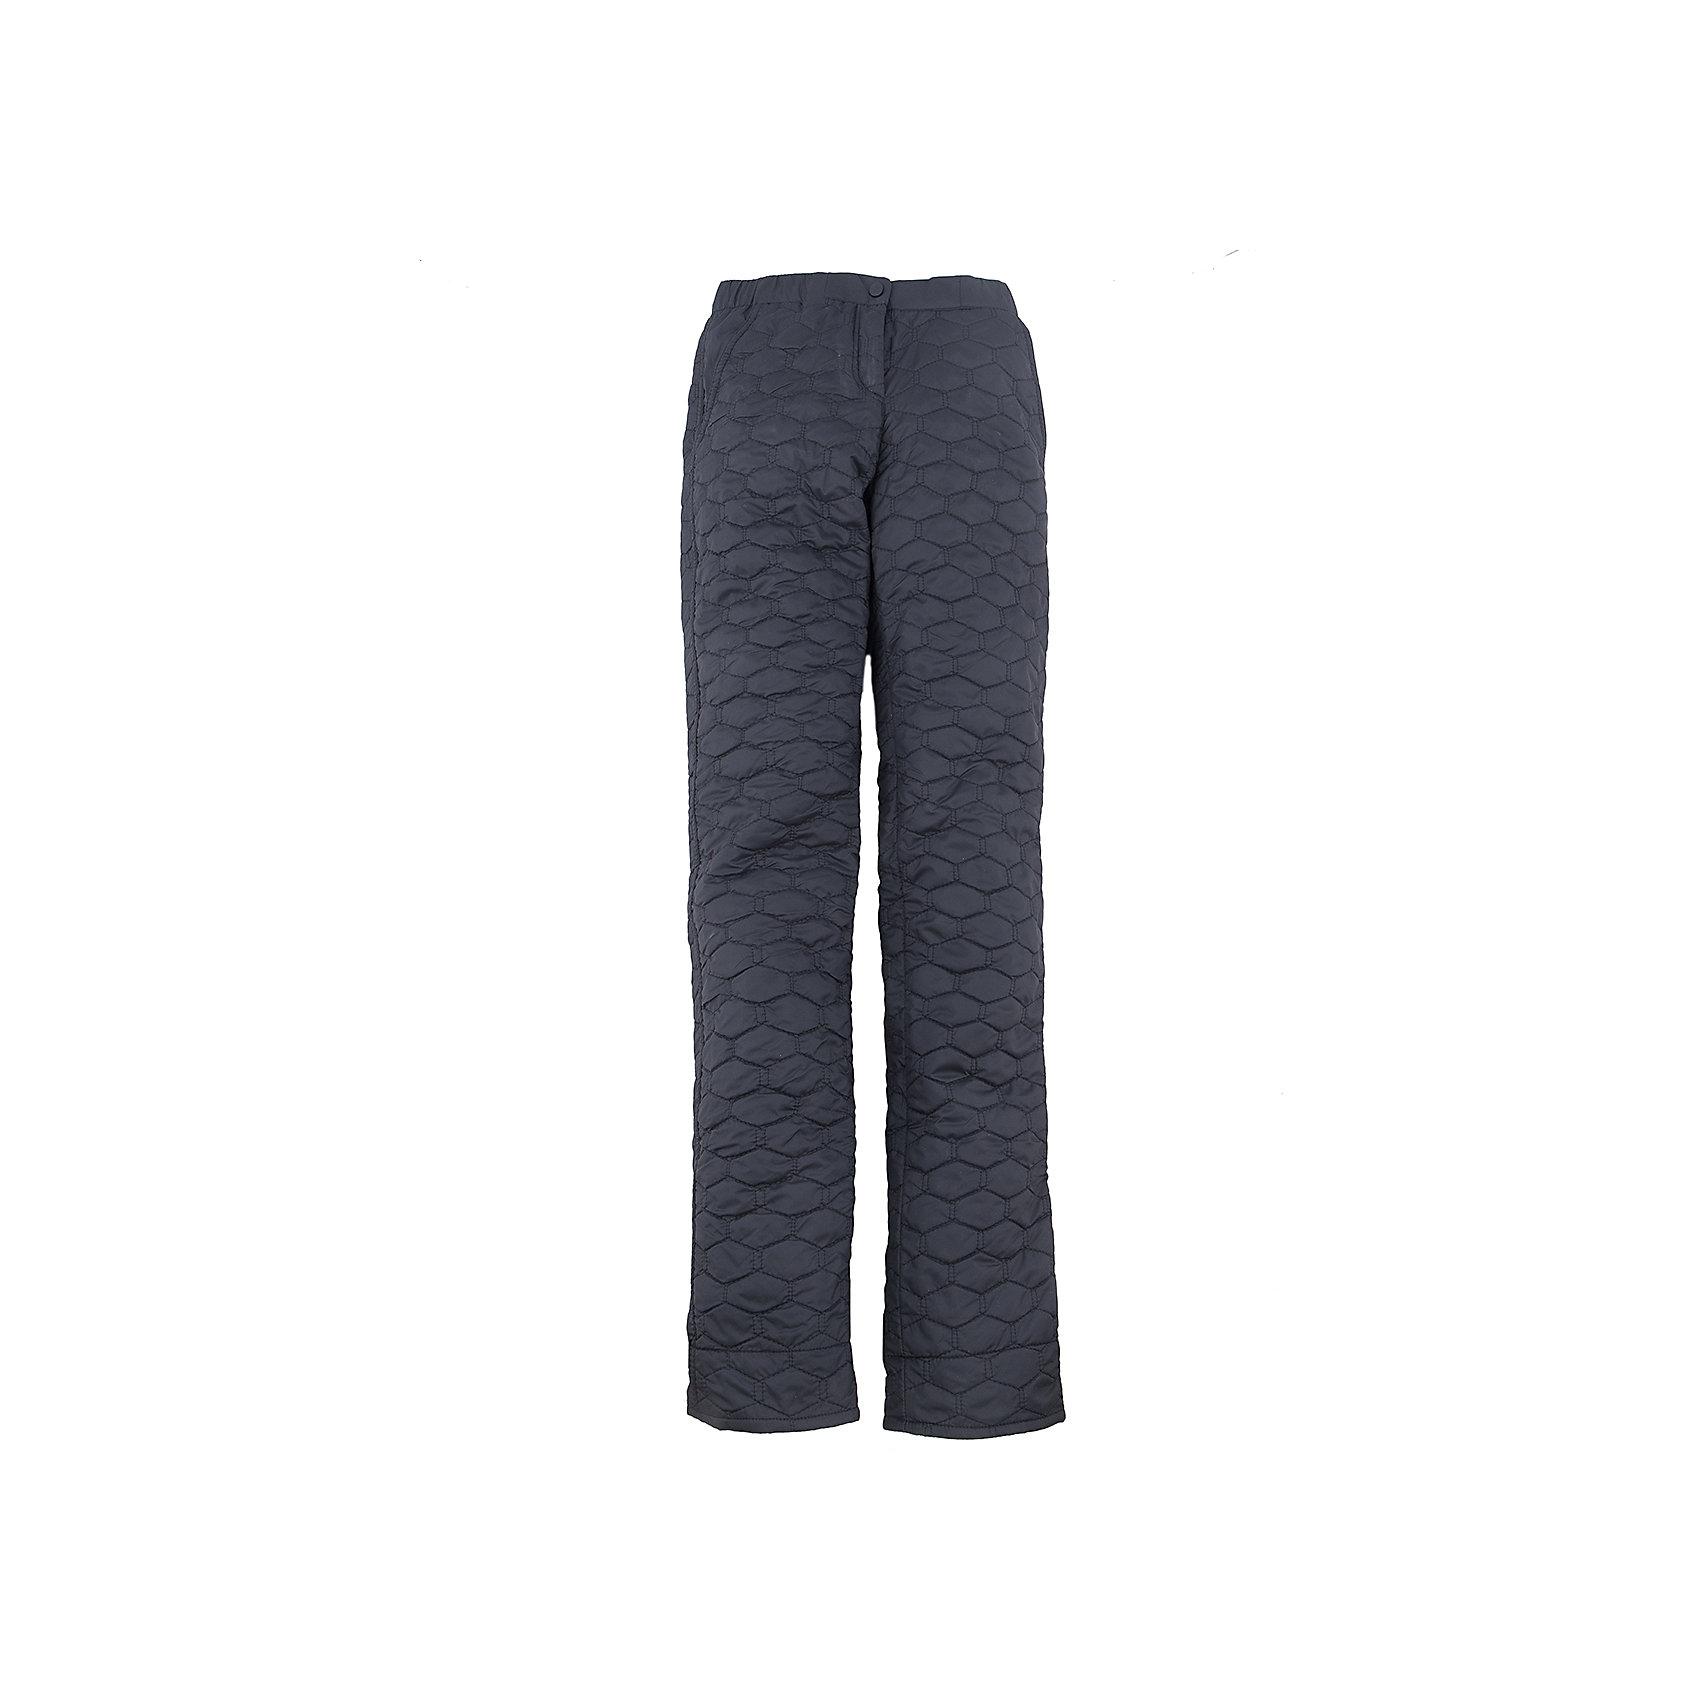 Брюки для девочки BOOM by OrbyВерхняя одежда<br>Характеристики товара:<br><br>• цвет: черный<br>• состав: 100% полиэстер; верх - таффета, подкладка - флис, без утеплителя<br>• температурный режим: от +15°до +5°С<br>• стеганые<br>• до 122 роста комплектуются съемными эластичными бретелями.<br>• с 128 роста есть регулировка по полноте и ширинка.<br>• карманы<br>• комфортная посадка<br>• страна производства: Российская Федерация<br>• страна бренда: Российская Федерация<br>• коллекция: весна-лето 2017<br><br><br>Такие брюки - универсальный вариант для межсезонья с постоянно меняющейся погодой. Эта модель - модная и удобная одновременно! Изделие отличается стильным продуманным дизайном. Брюки хорошо сидят по фигуре, отлично сочетаются с различным верхом. Вещь была разработана специально для детей.<br><br>Одежда от российского бренда BOOM by Orby уже завоевала популярностью у многих детей и их родителей. Вещи, выпускаемые компанией, качественные, продуманные и очень удобные. Для производства коллекций используются только безопасные для детей материалы. Спешите приобрести модели из новой коллекции Весна-лето 2017! <br><br>Брюки для девочки от бренда BOOM by Orby можно купить в нашем интернет-магазине.<br><br>Ширина мм: 215<br>Глубина мм: 88<br>Высота мм: 191<br>Вес г: 336<br>Цвет: черный<br>Возраст от месяцев: 18<br>Возраст до месяцев: 24<br>Пол: Женский<br>Возраст: Детский<br>Размер: 92,158,104,110,98,116,122,128,134,140,146,152<br>SKU: 5343604